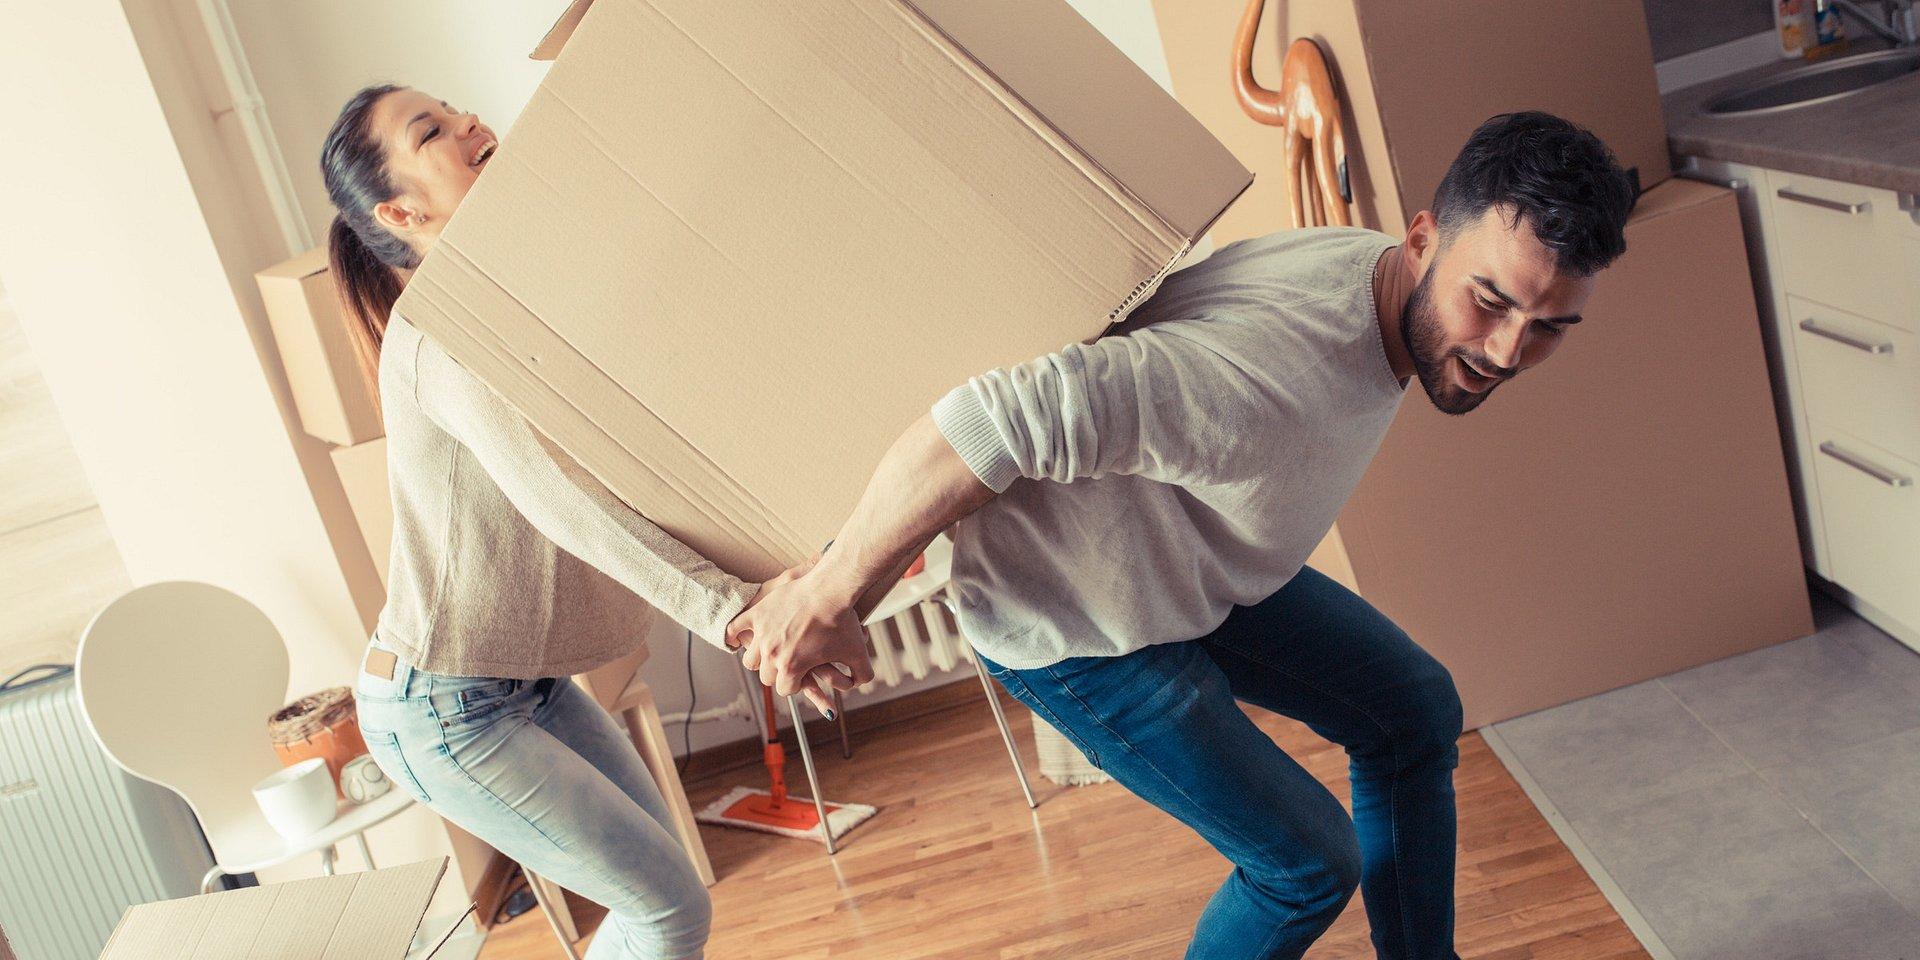 Na co zwrócić uwagę przy wynajmie mieszkania? 5 porad dla studentów